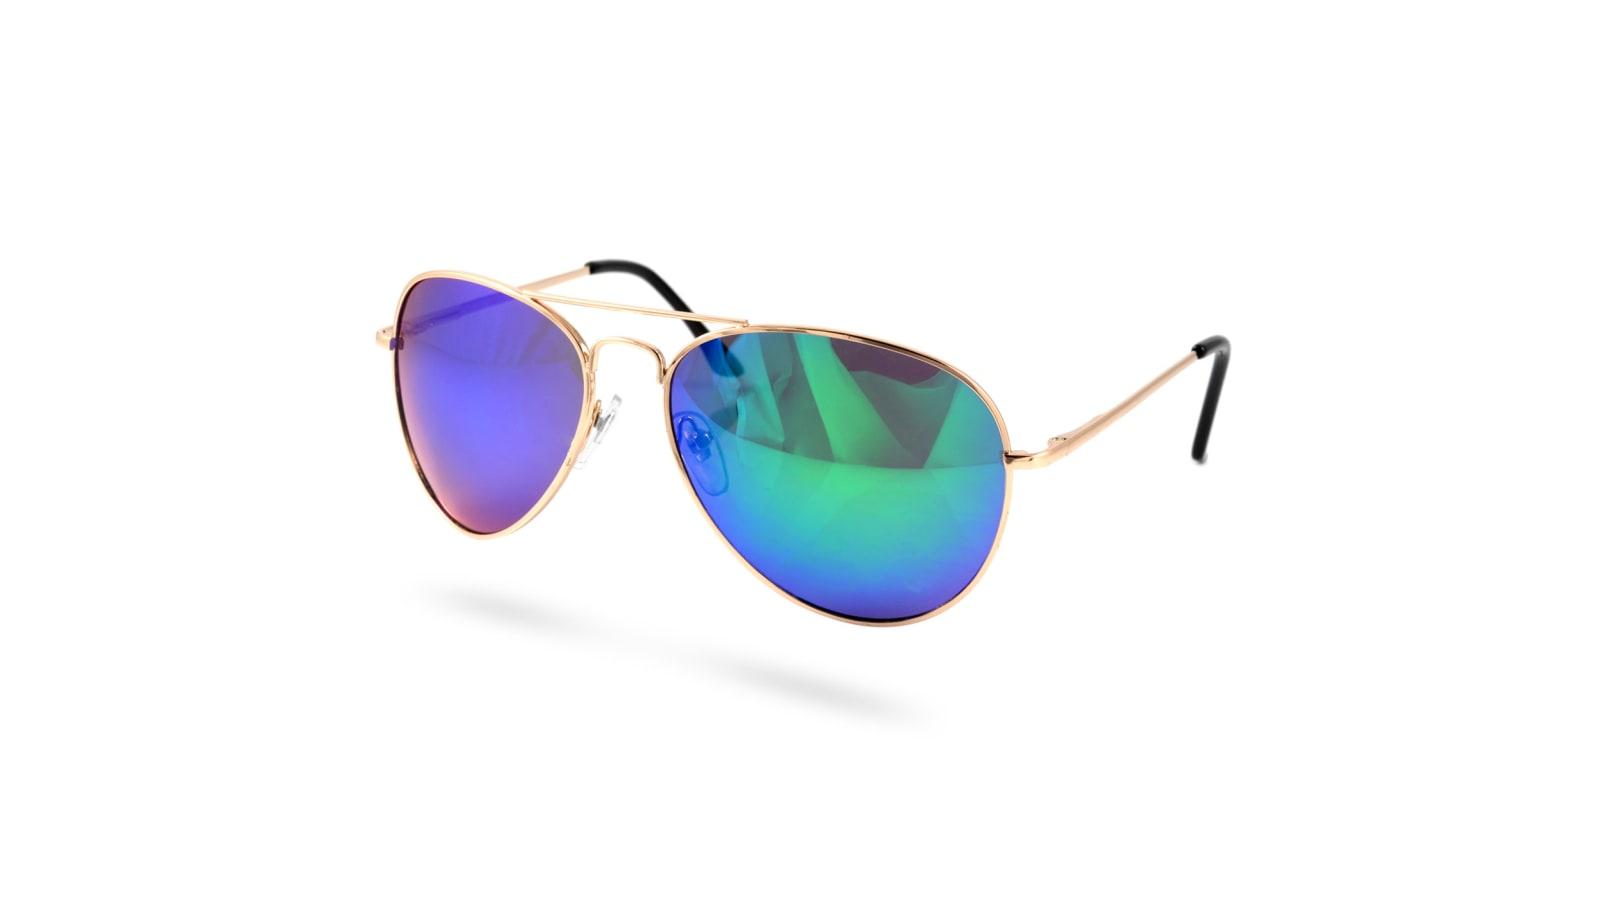 932695735 Sluneční brýle pilotky zlaté/akvamarín   Skladem!